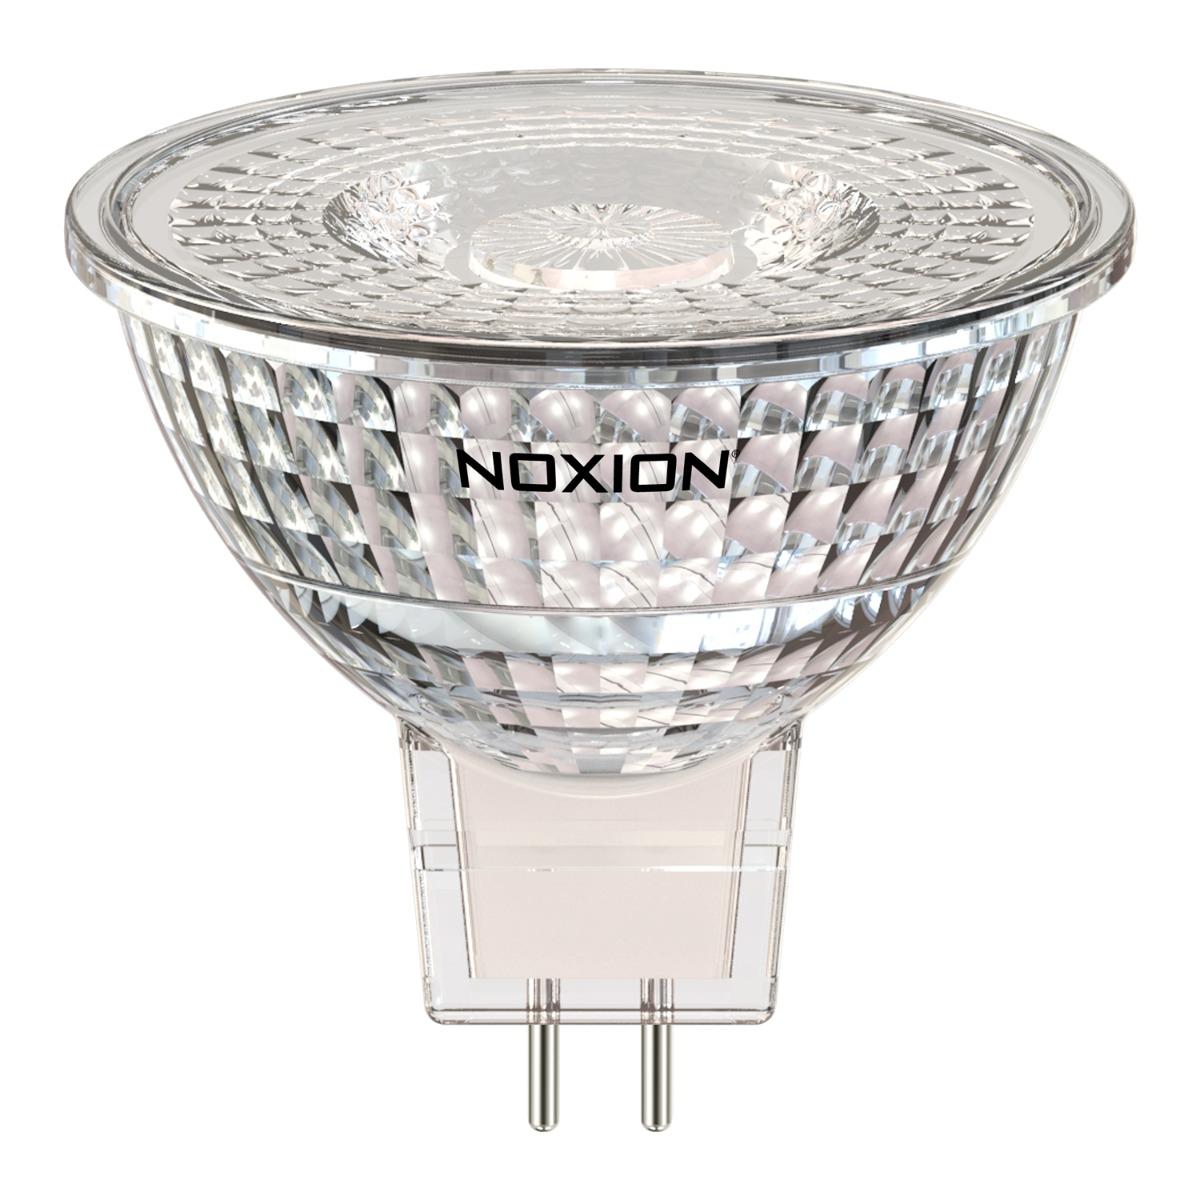 Noxion LED Spot GU5.3 5W 827 36D 470lm | Dimbaar - Zeer Warm Wit - Vervangt 35W